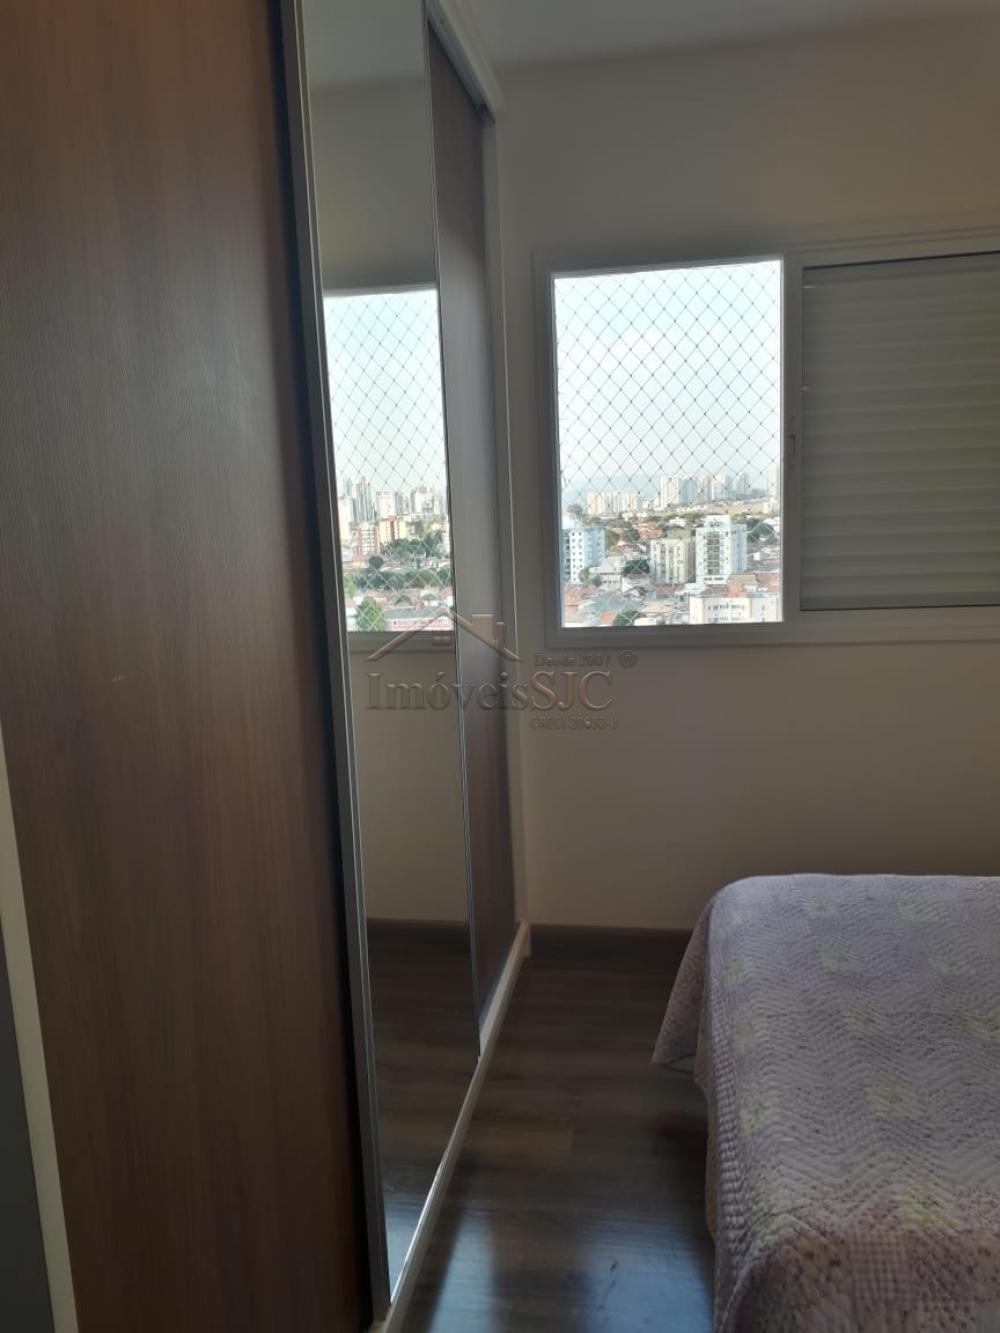 Comprar Apartamentos / Padrão em São José dos Campos apenas R$ 590.000,00 - Foto 14